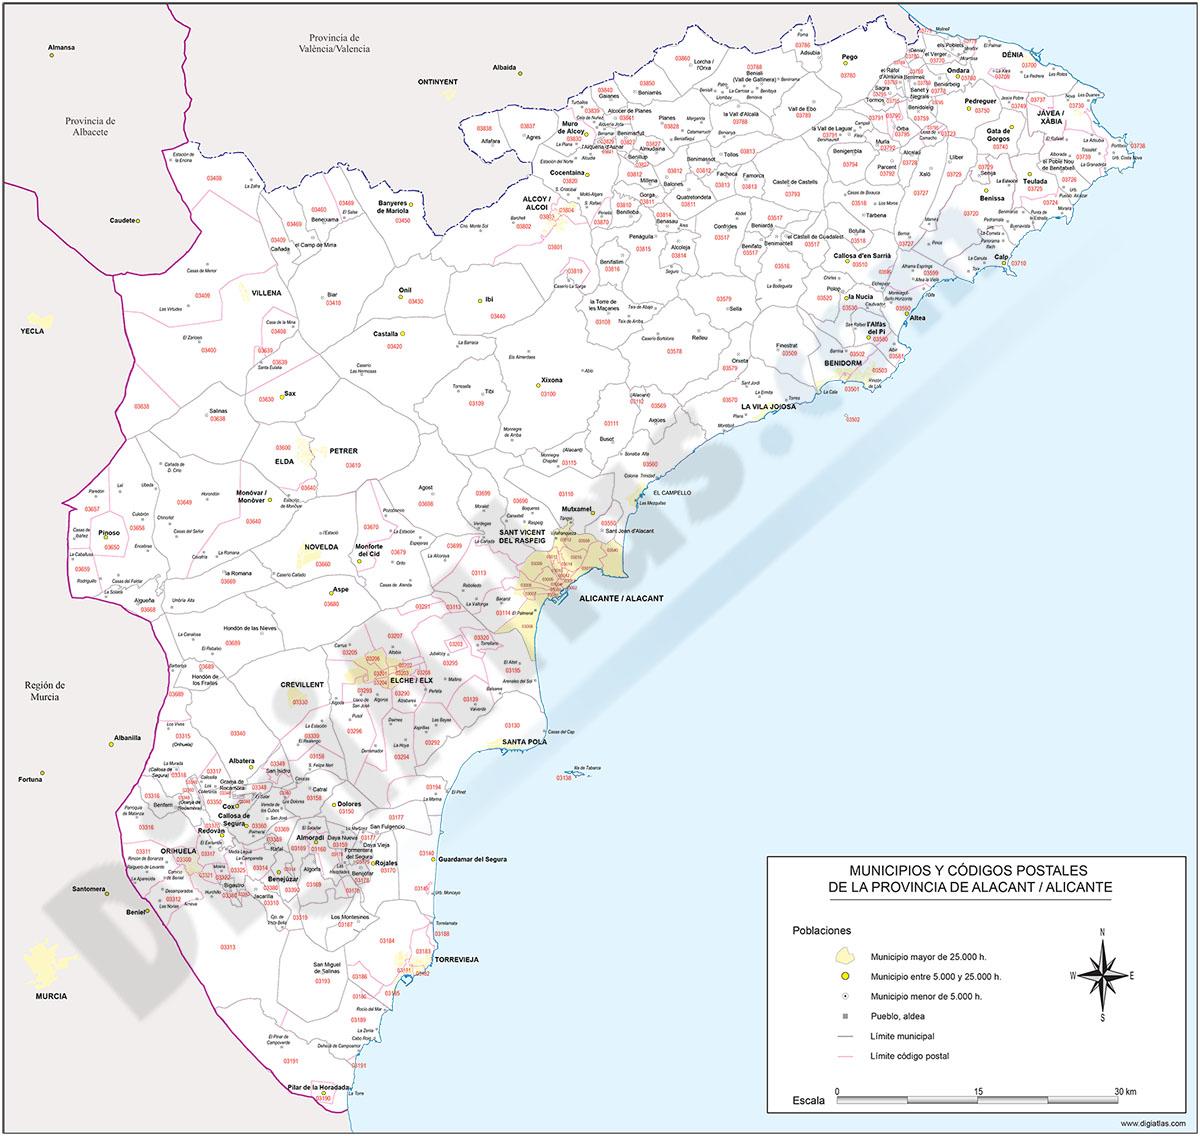 Alicante - mapa provincial con municipios y Códigos Postales